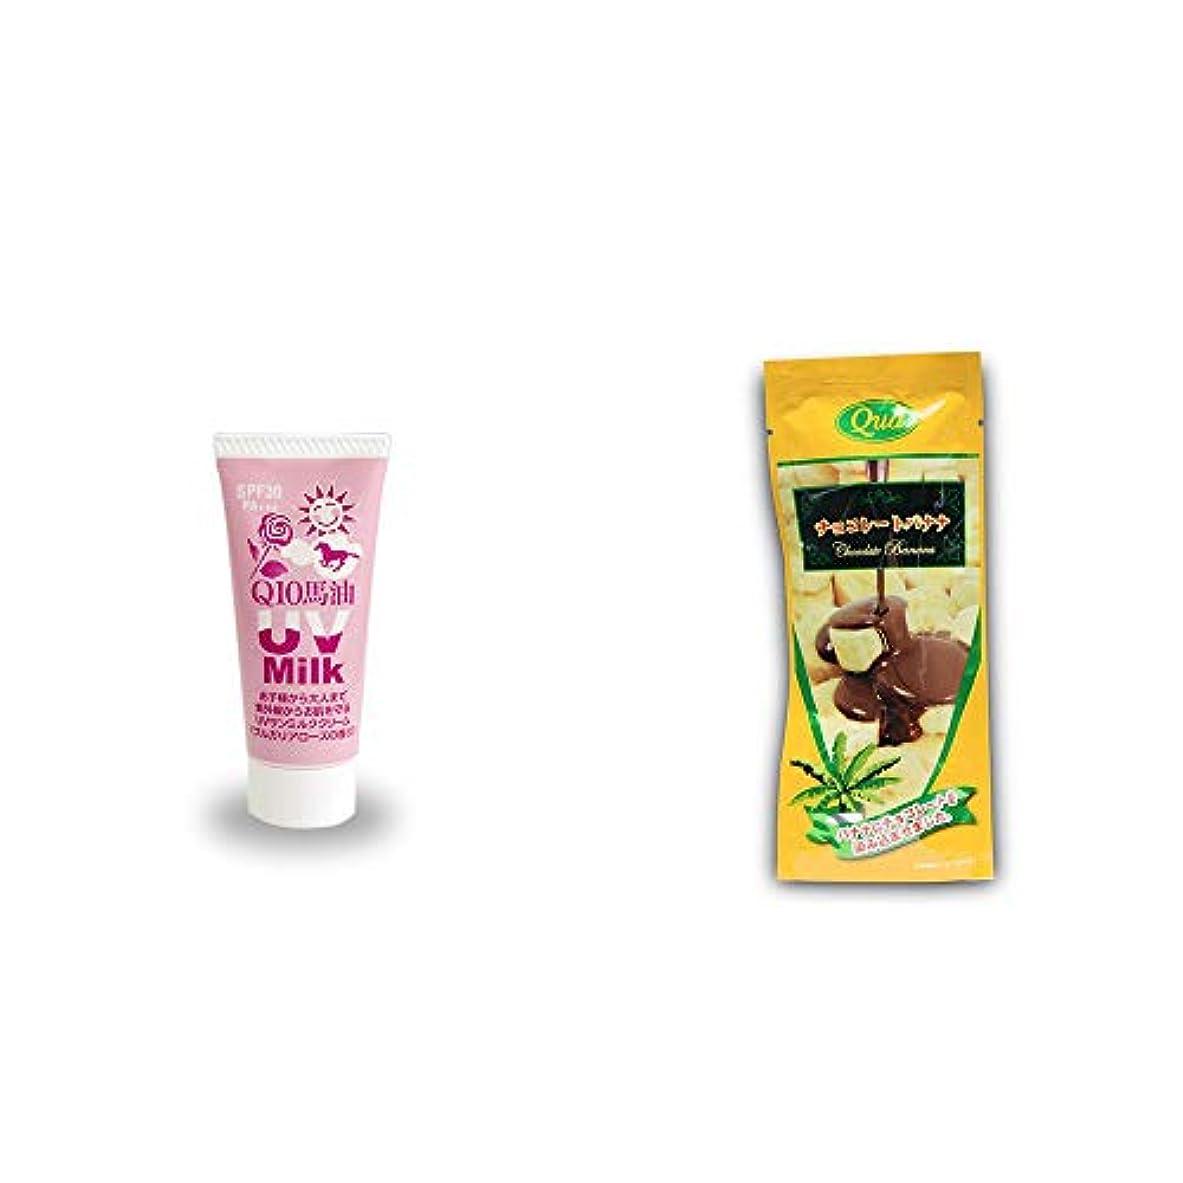 足首検閲ライバル[2点セット] 炭黒泉 Q10馬油 UVサンミルク[ブルガリアローズ](40g)?フリーズドライ チョコレートバナナ(50g)